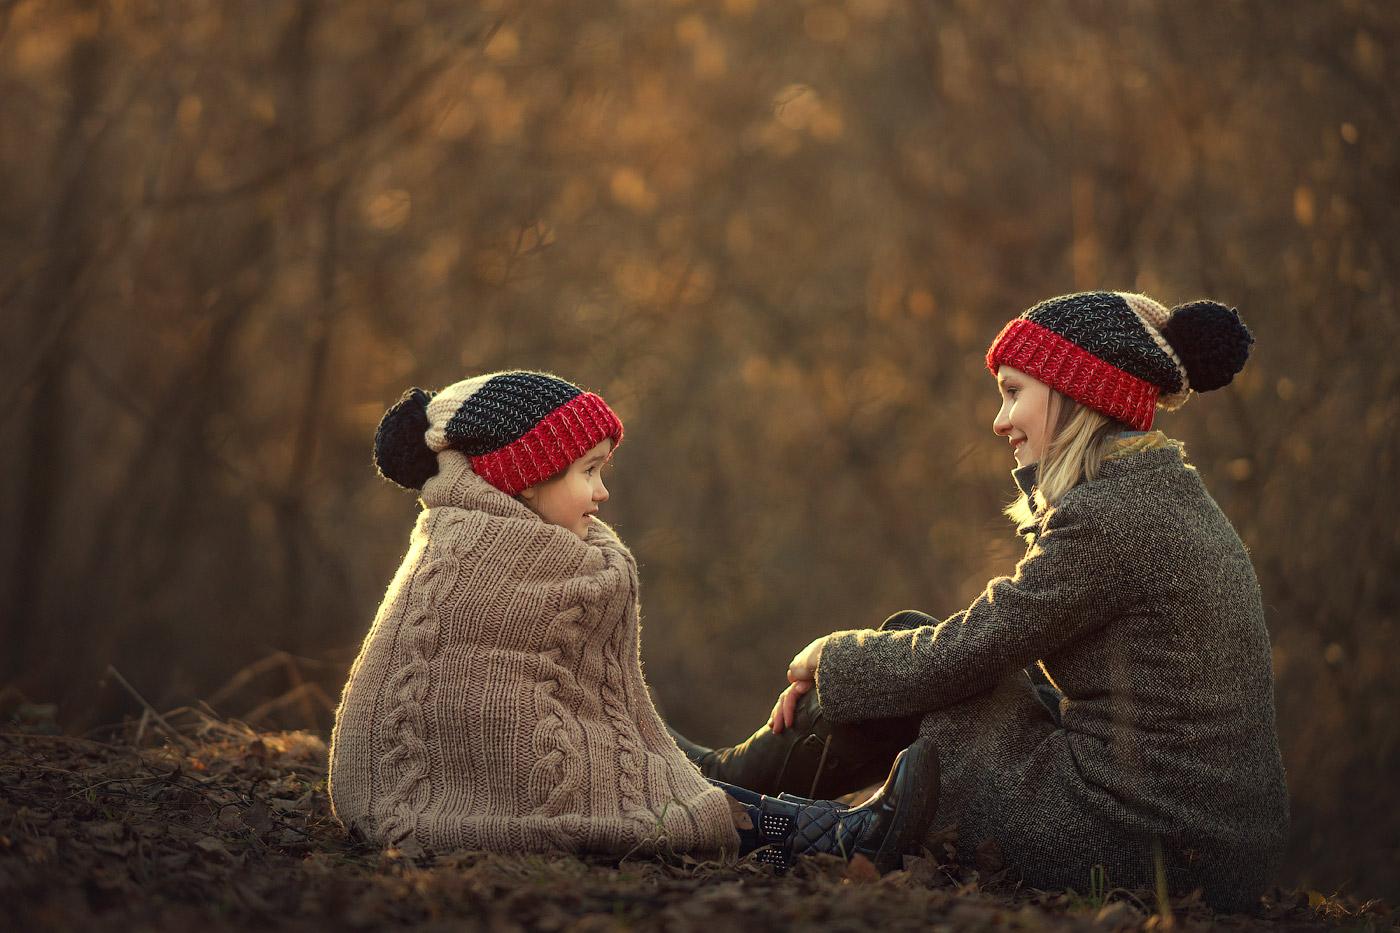 фотосессия в коломенском парке